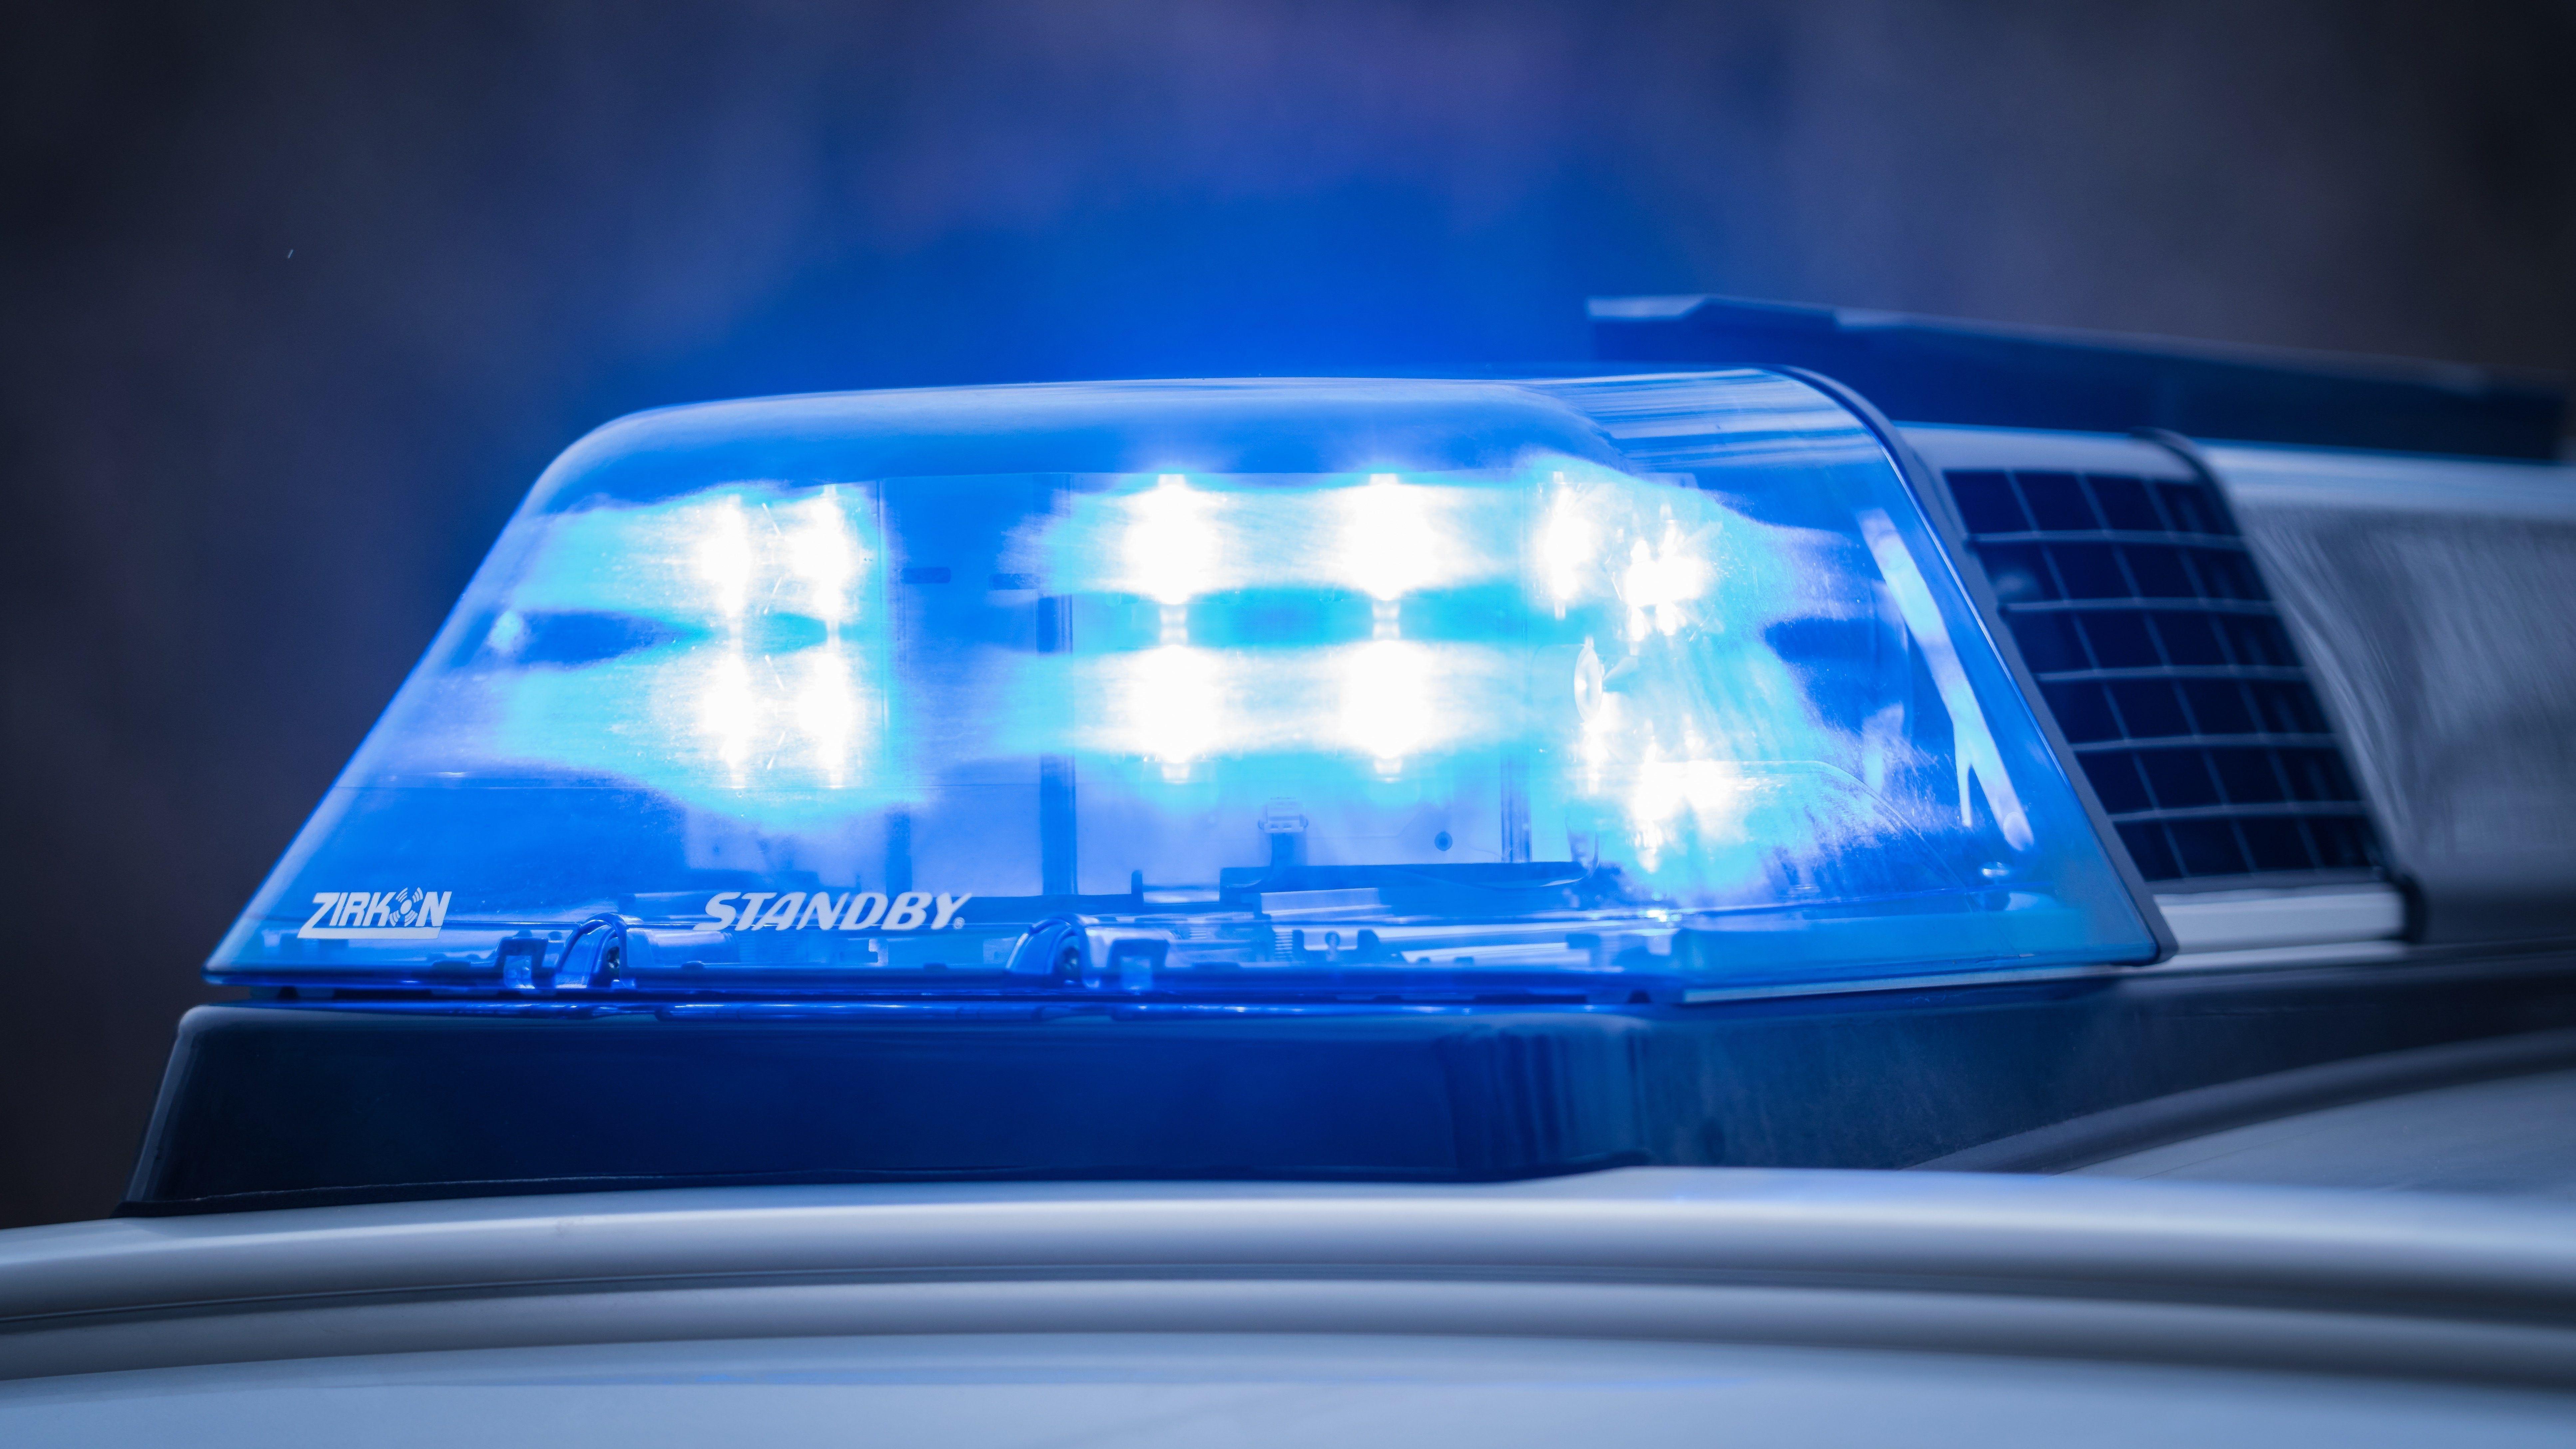 Blaulicht auf einem Streifenwagen der Polizei (Archivbild)